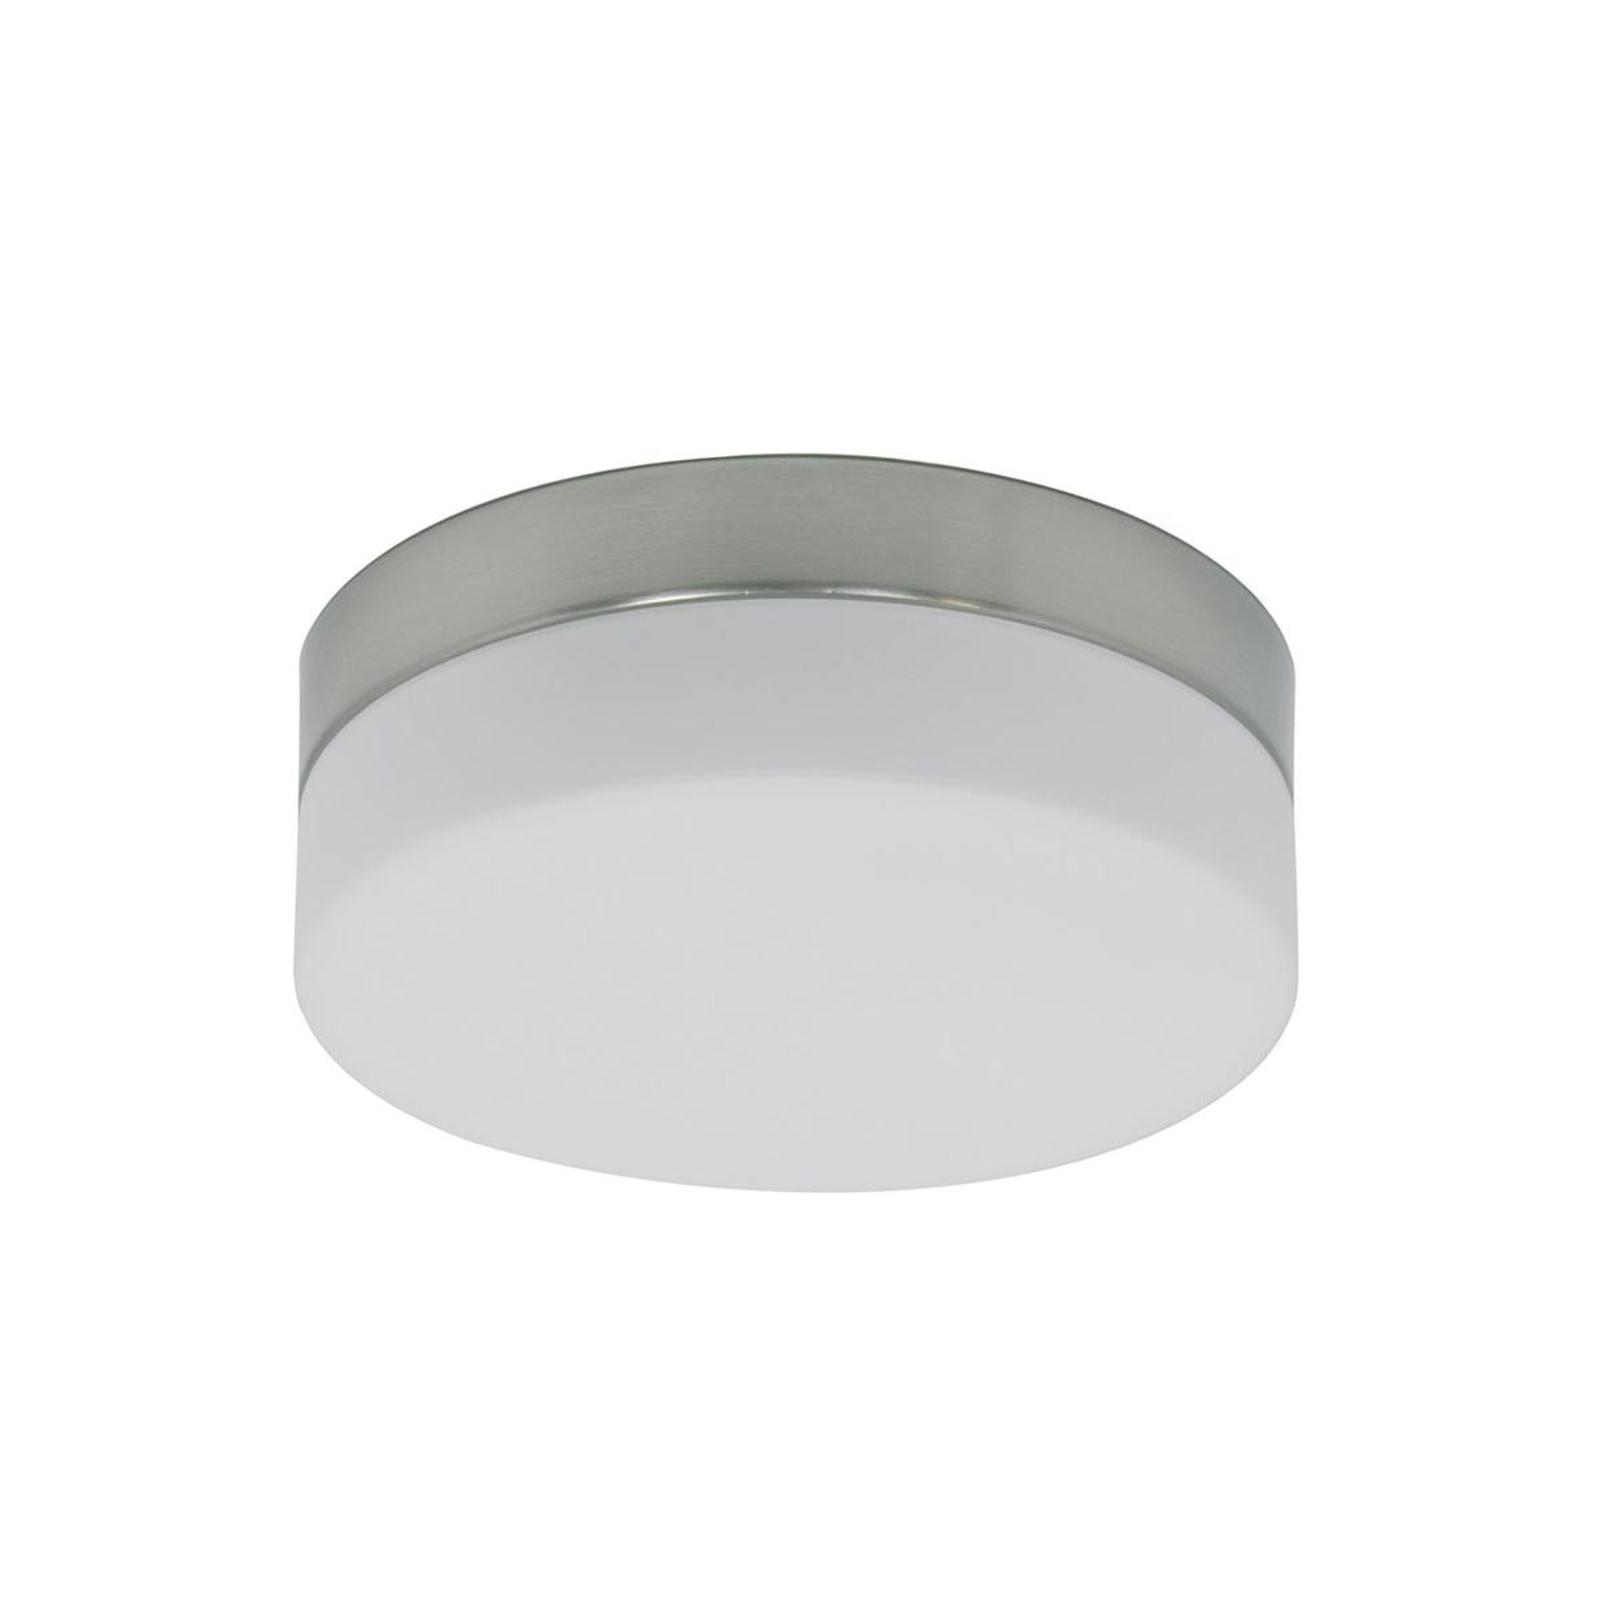 LED-taklampe Babylon med switch-dim-funksjon